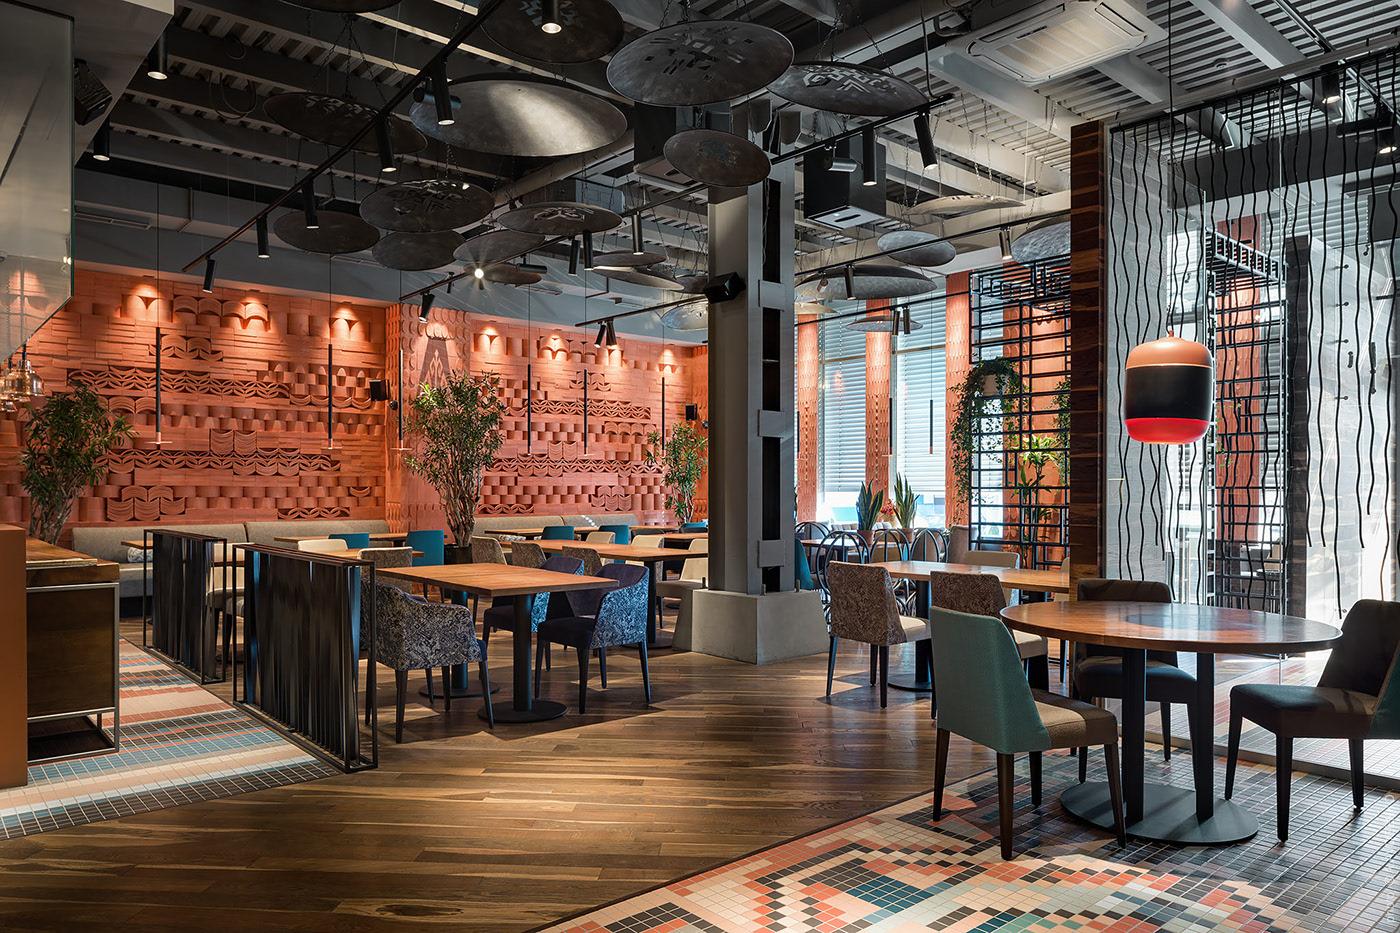 Thiết kế khu vực quầy Bar nhà hàng đẹp